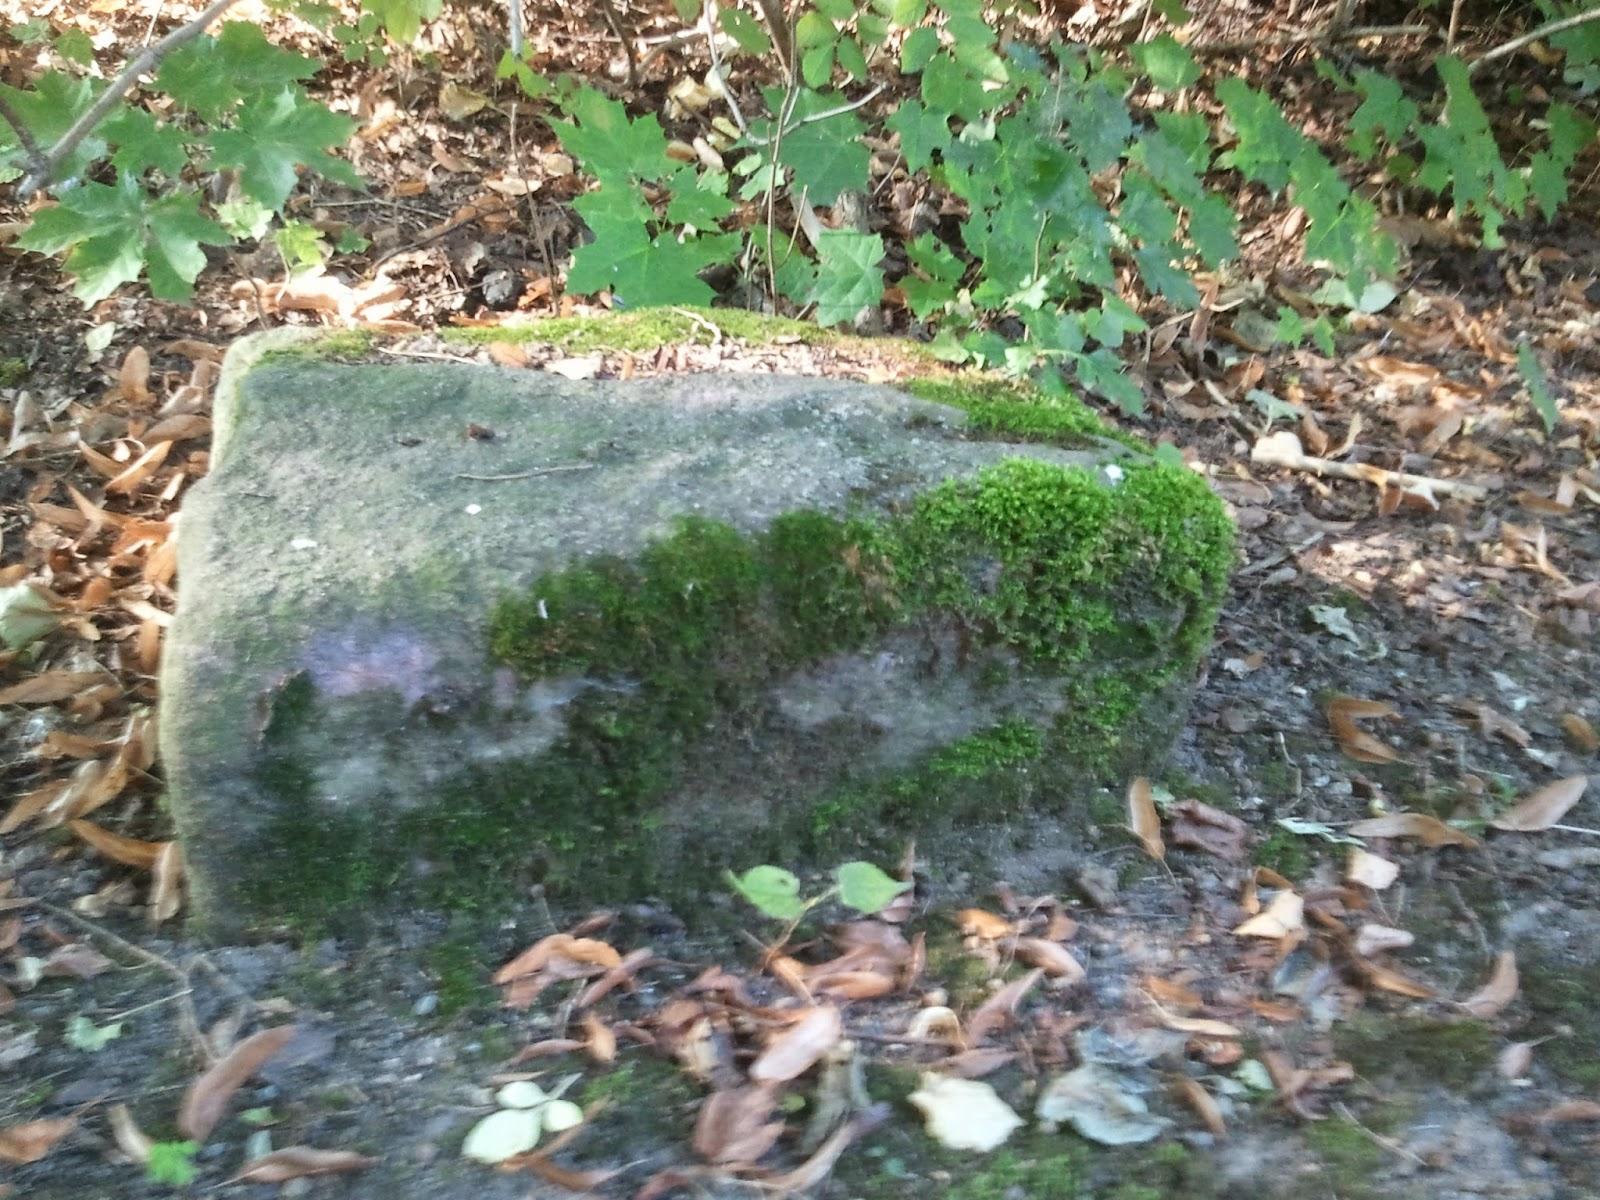 stone, picture, photo